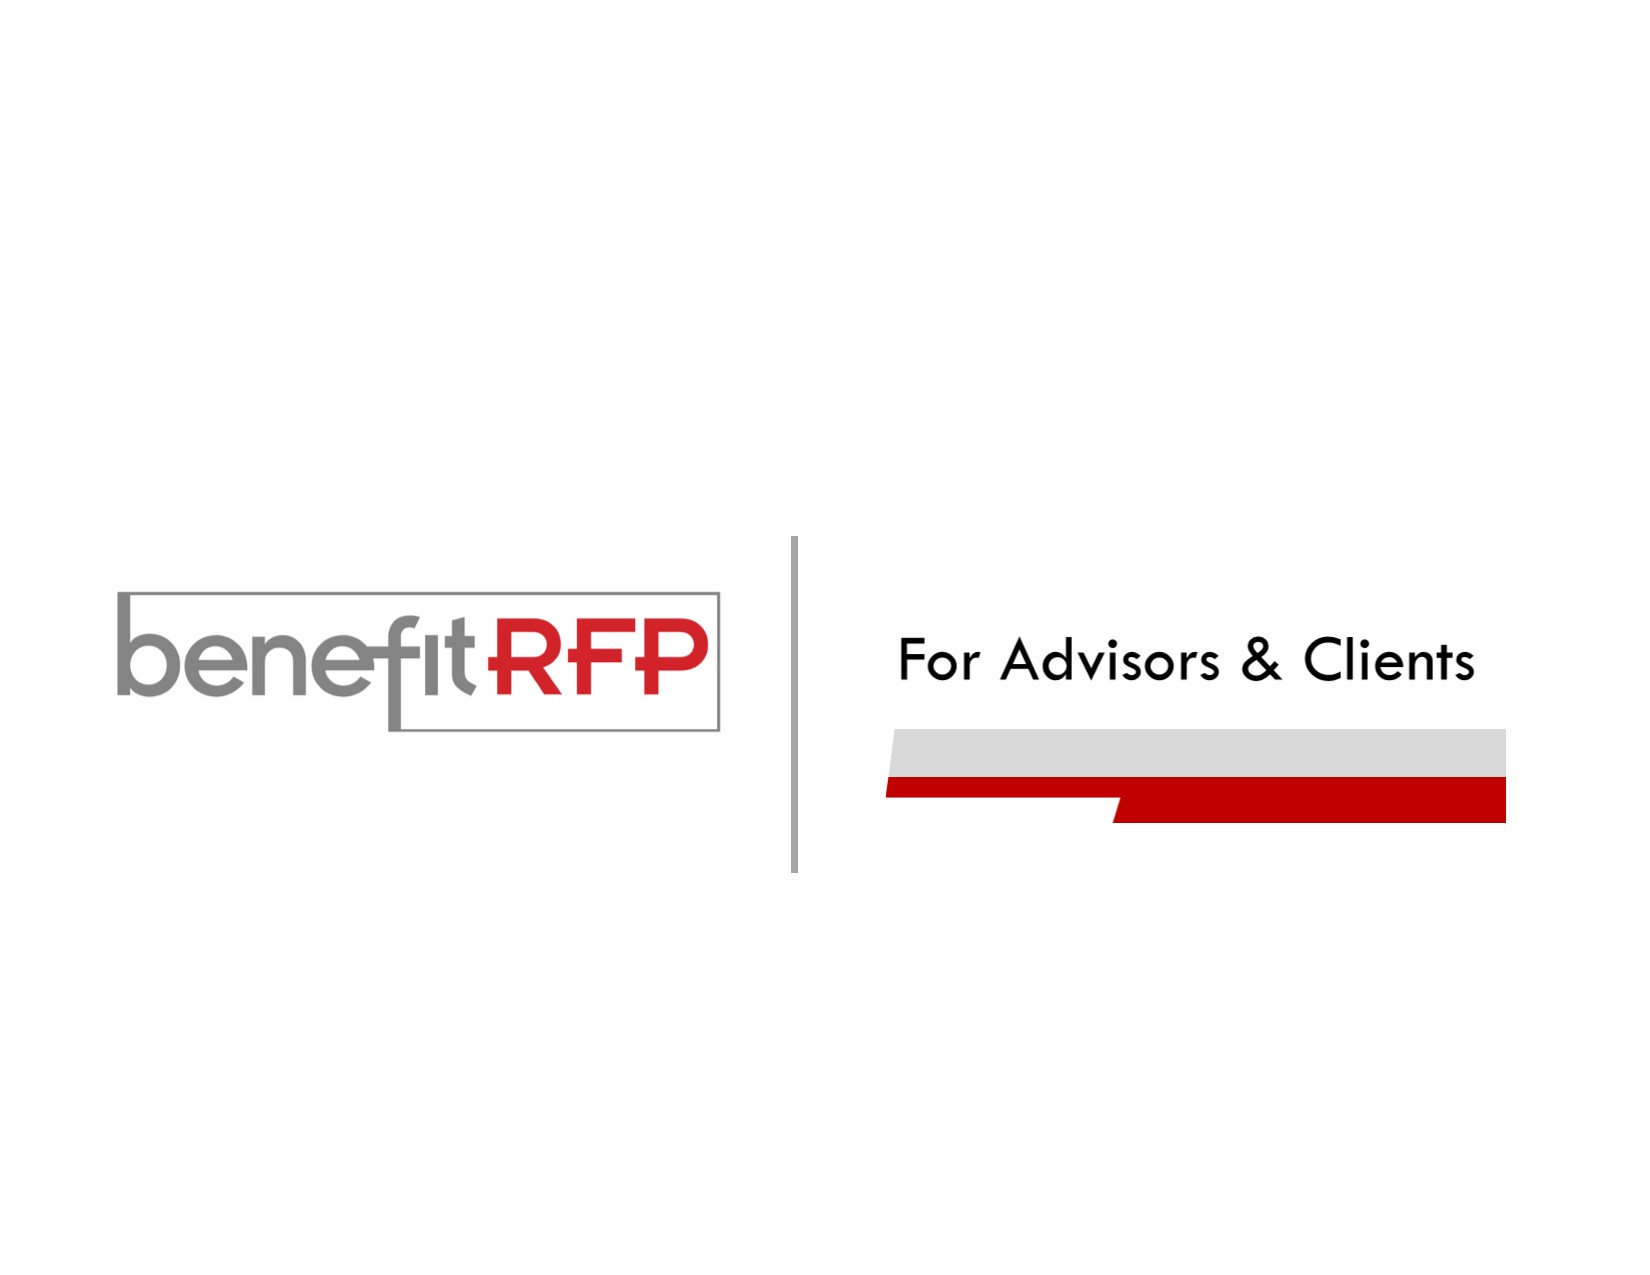 advisorsclients banner.jpg